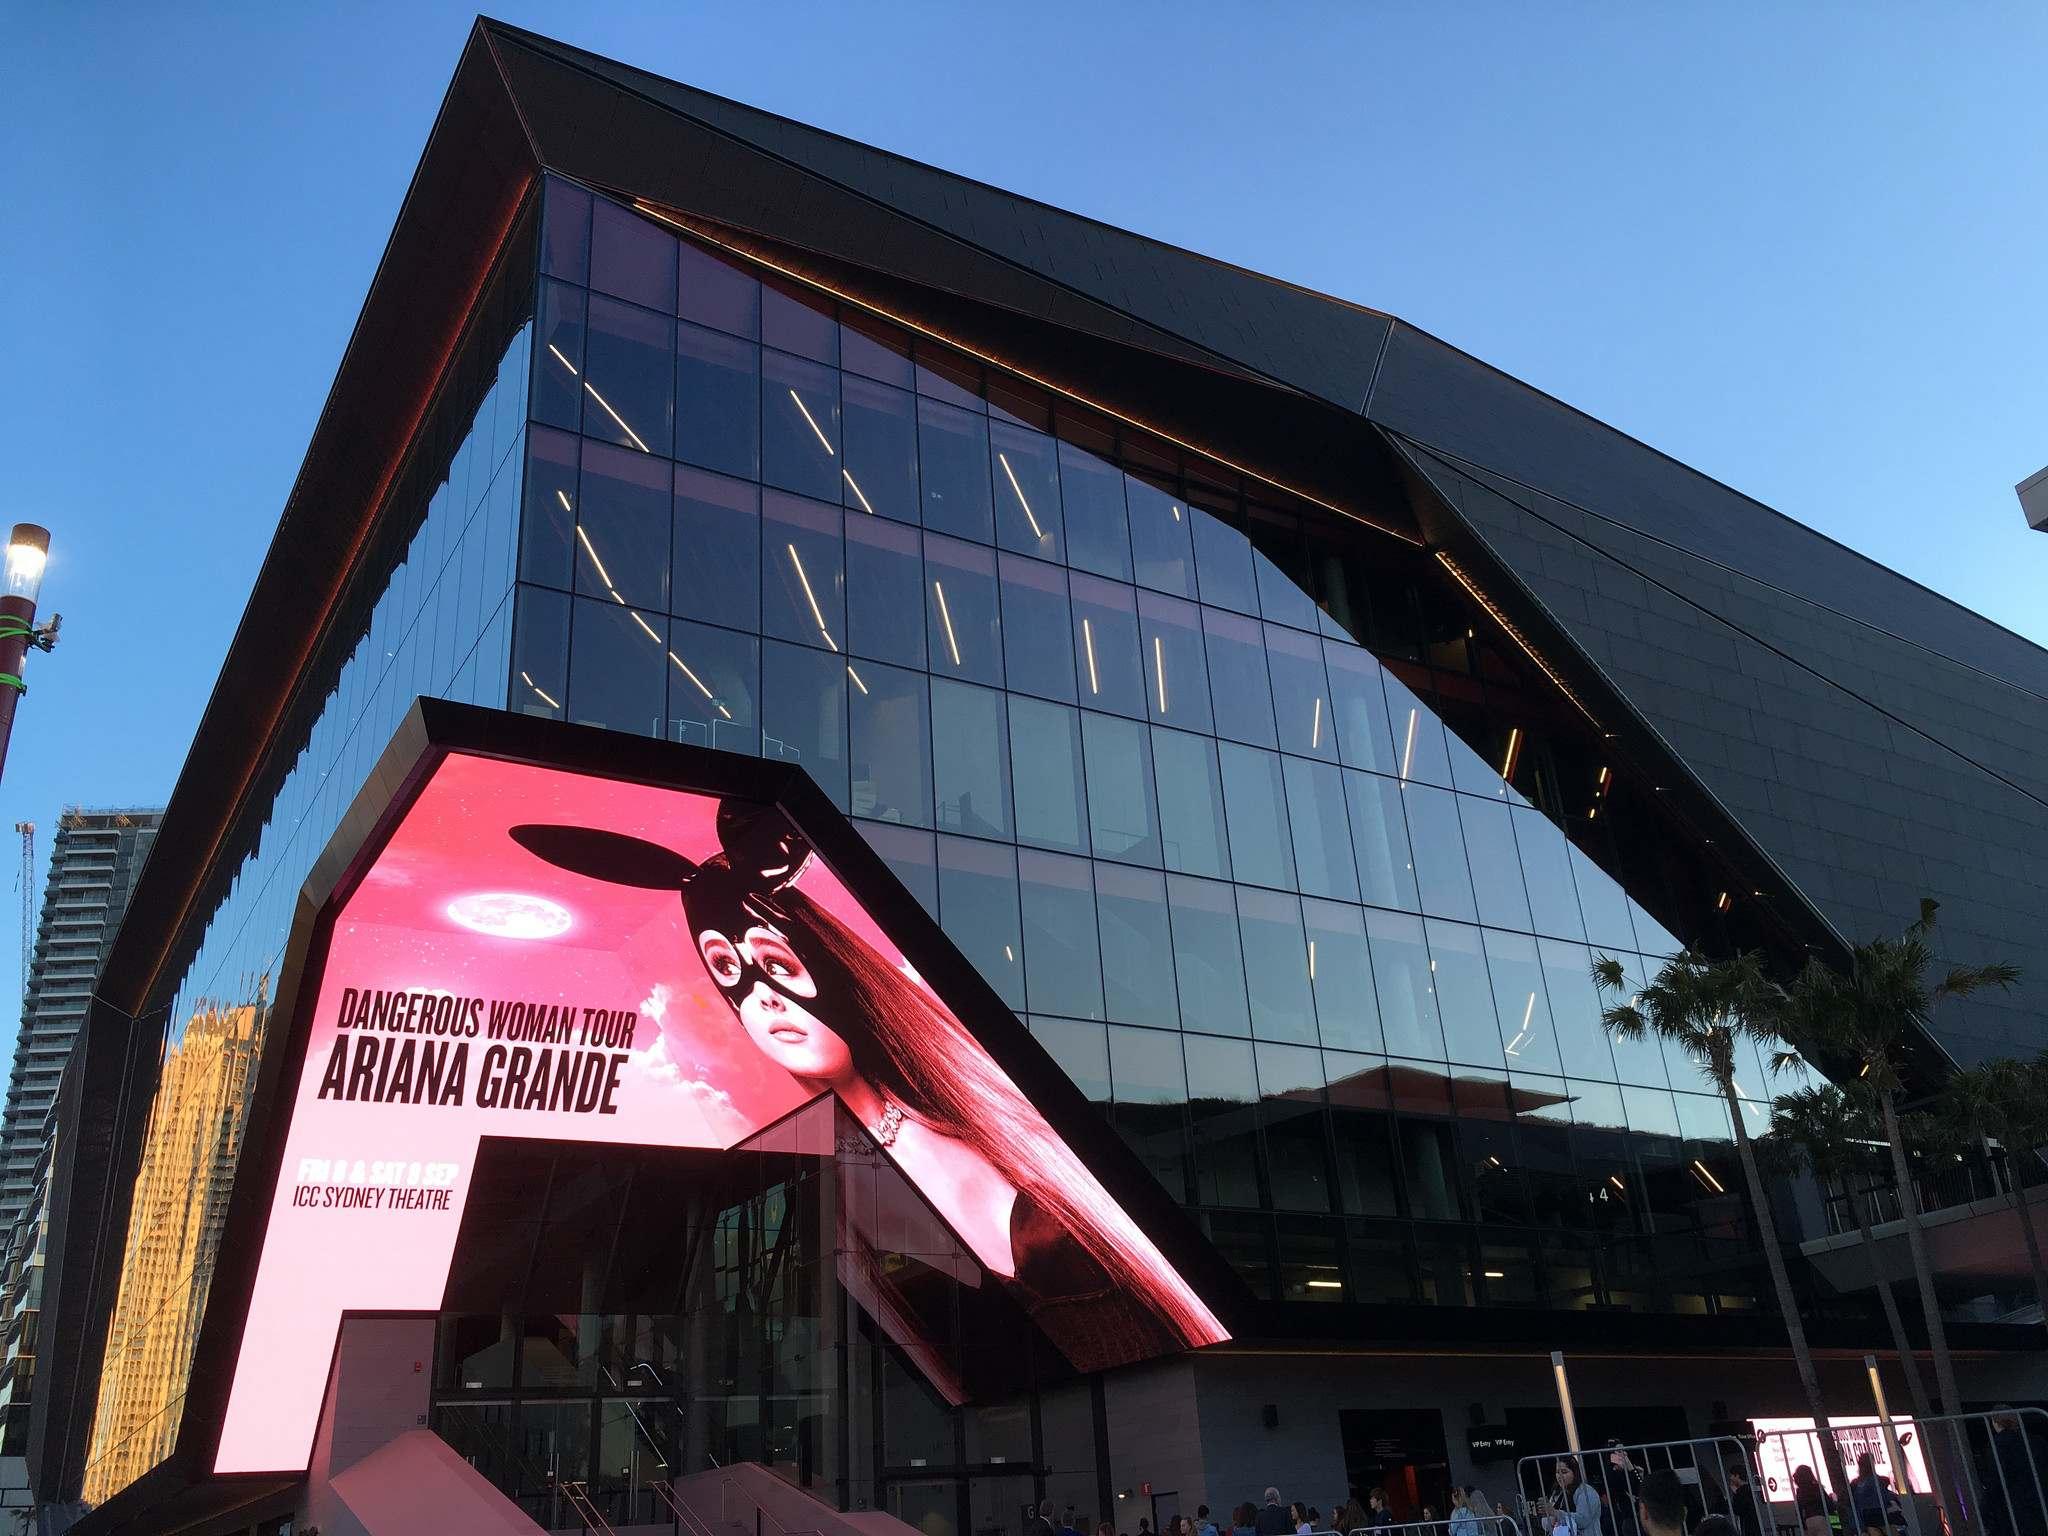 ariana grande1 Ariana Grande   Dangerous Woman Tour in Sydney, Australia